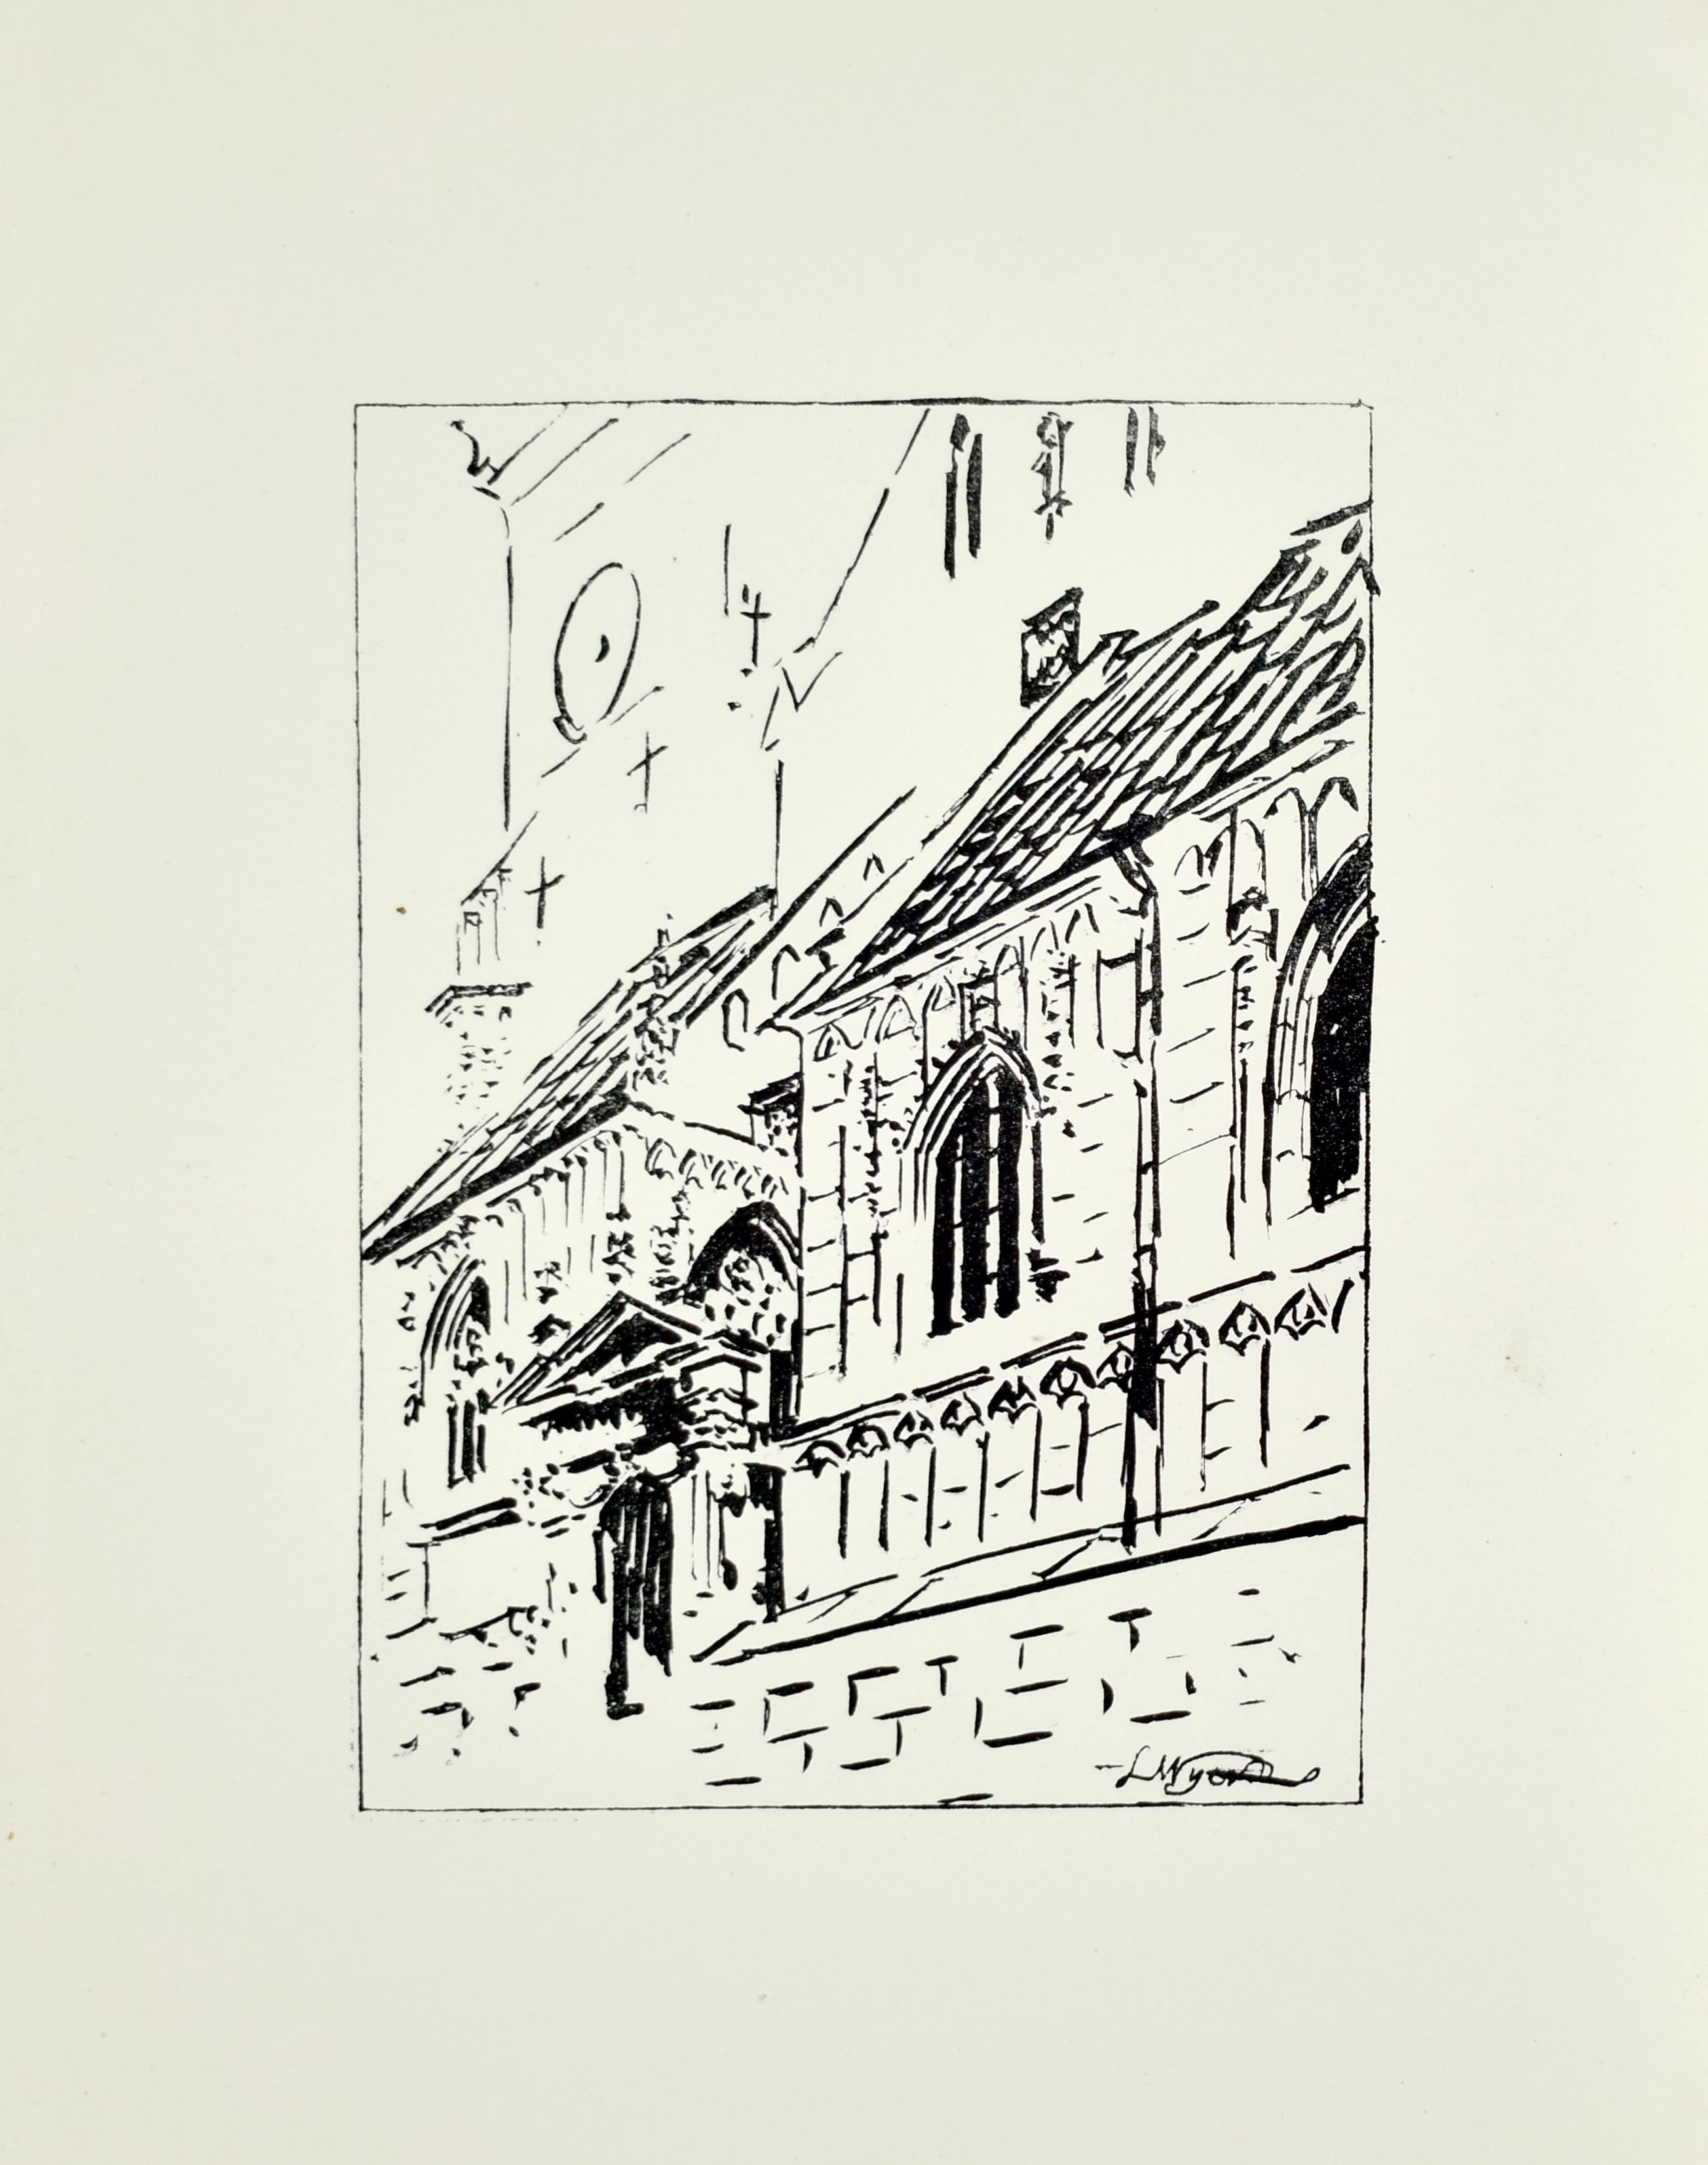 Wejście do katedry na Wawelu, 1922